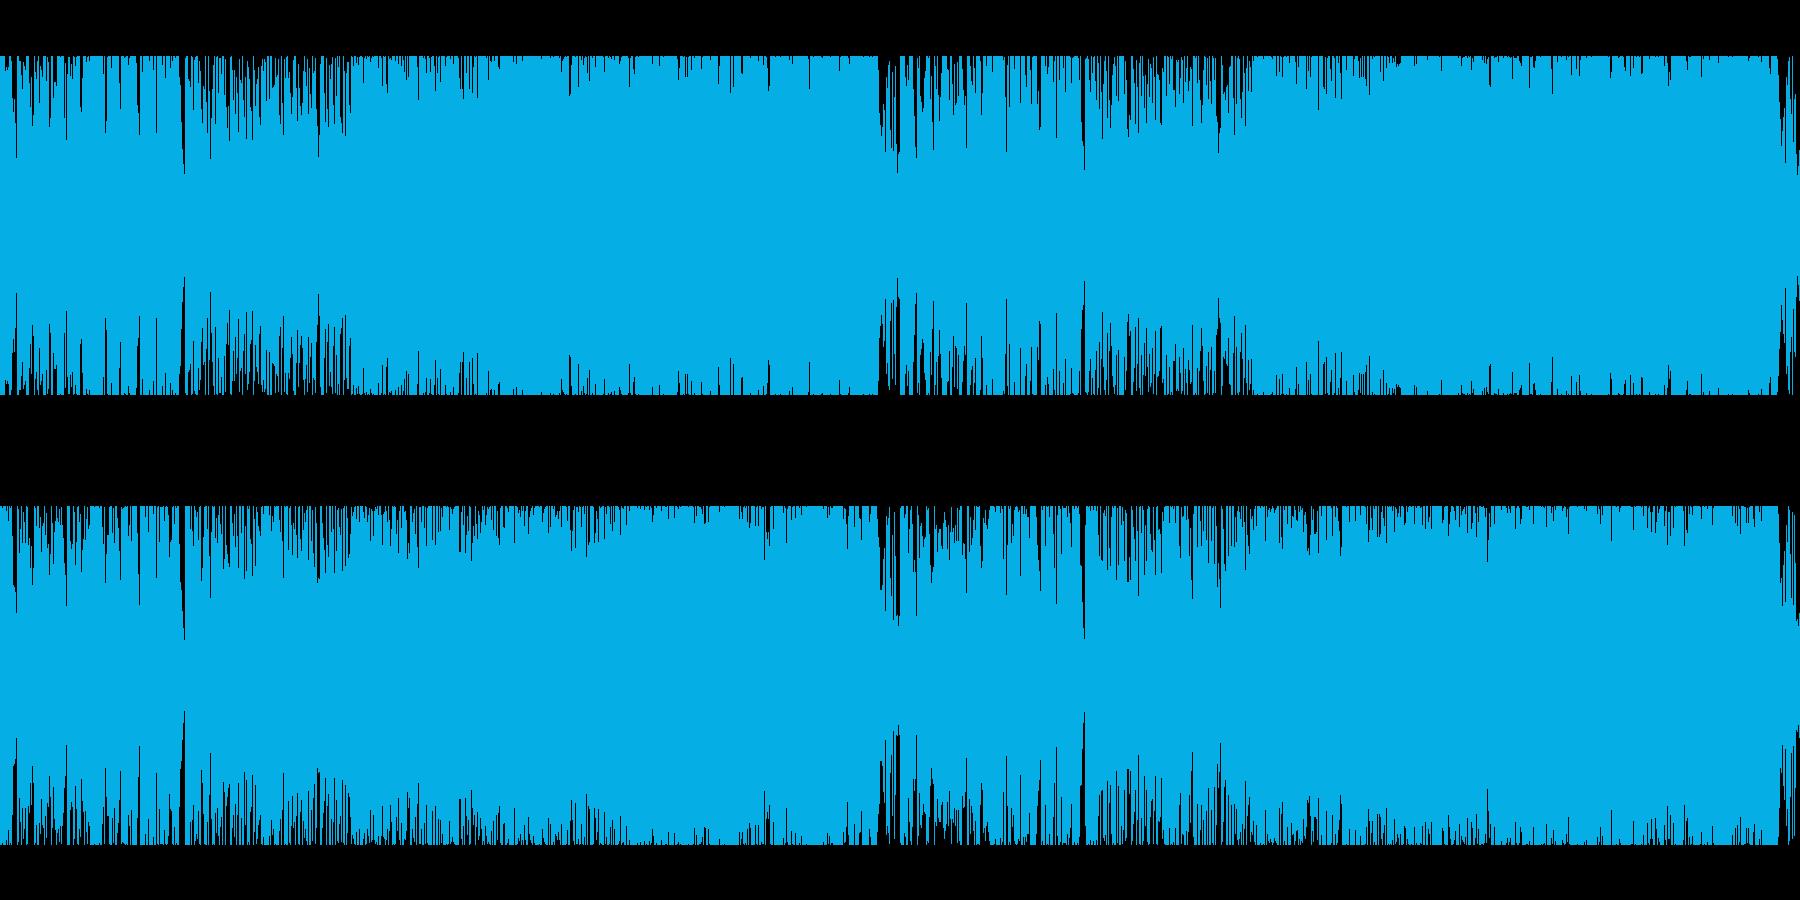 ループ:バトル/戦い/オーケストラ/緊迫の再生済みの波形